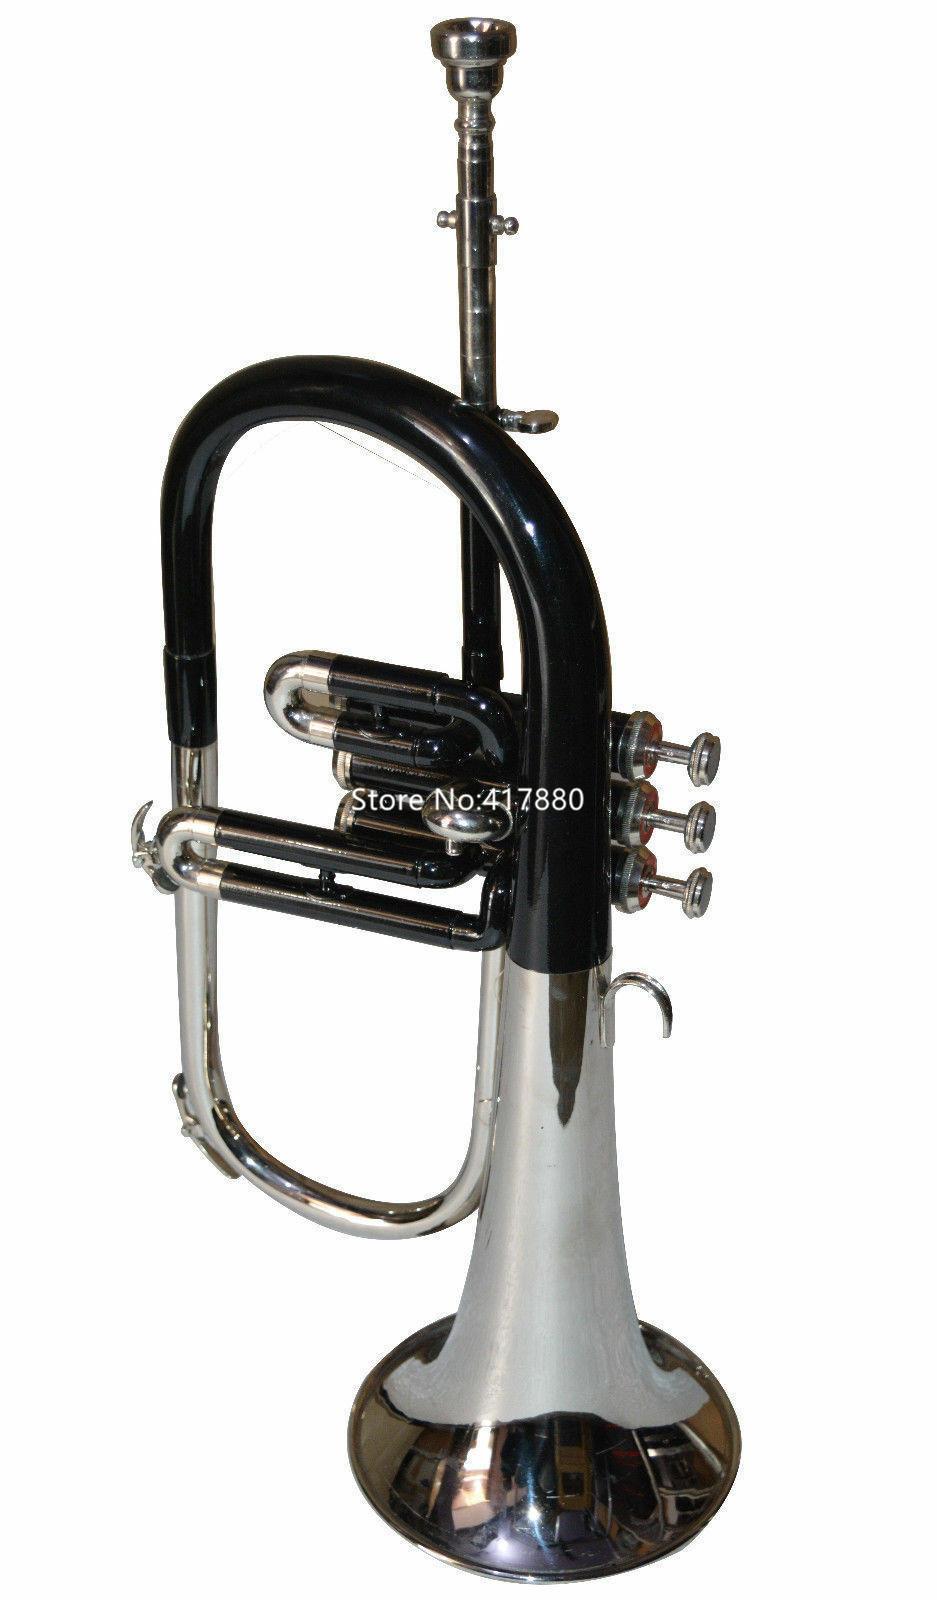 Neue Marke Bb Tune Flugelhorn Black Nickel-Splitter Bell-Musikinstrumente mit Fall-Mundstück-freies Verschiffen